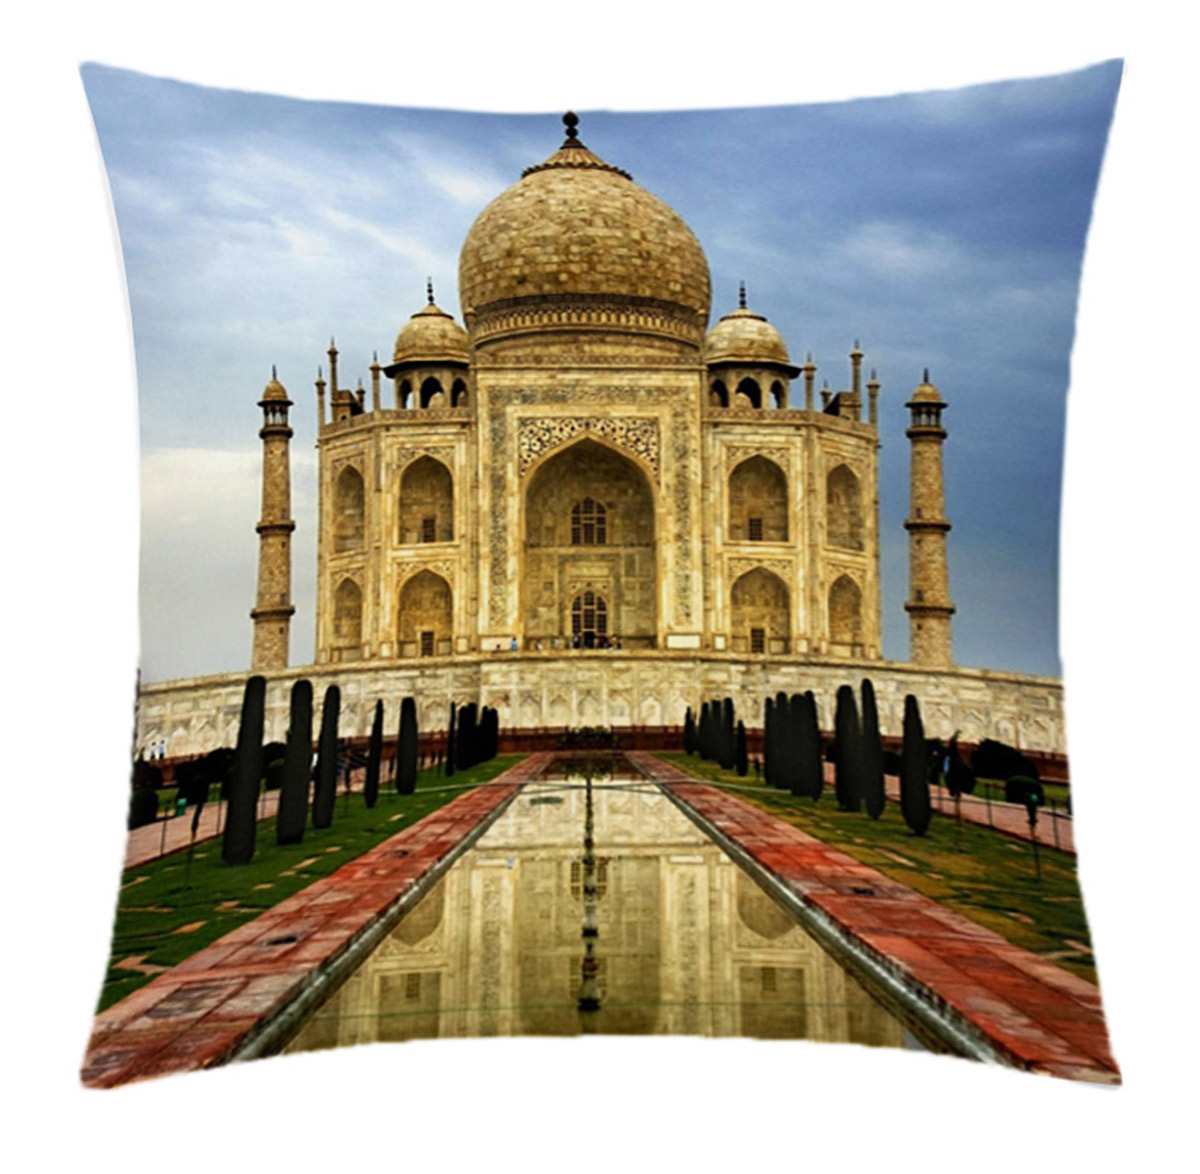 Almofada Desenhada Decoração Taj Mahal India com 2 peças tecido Microfibra - Almofada Digital